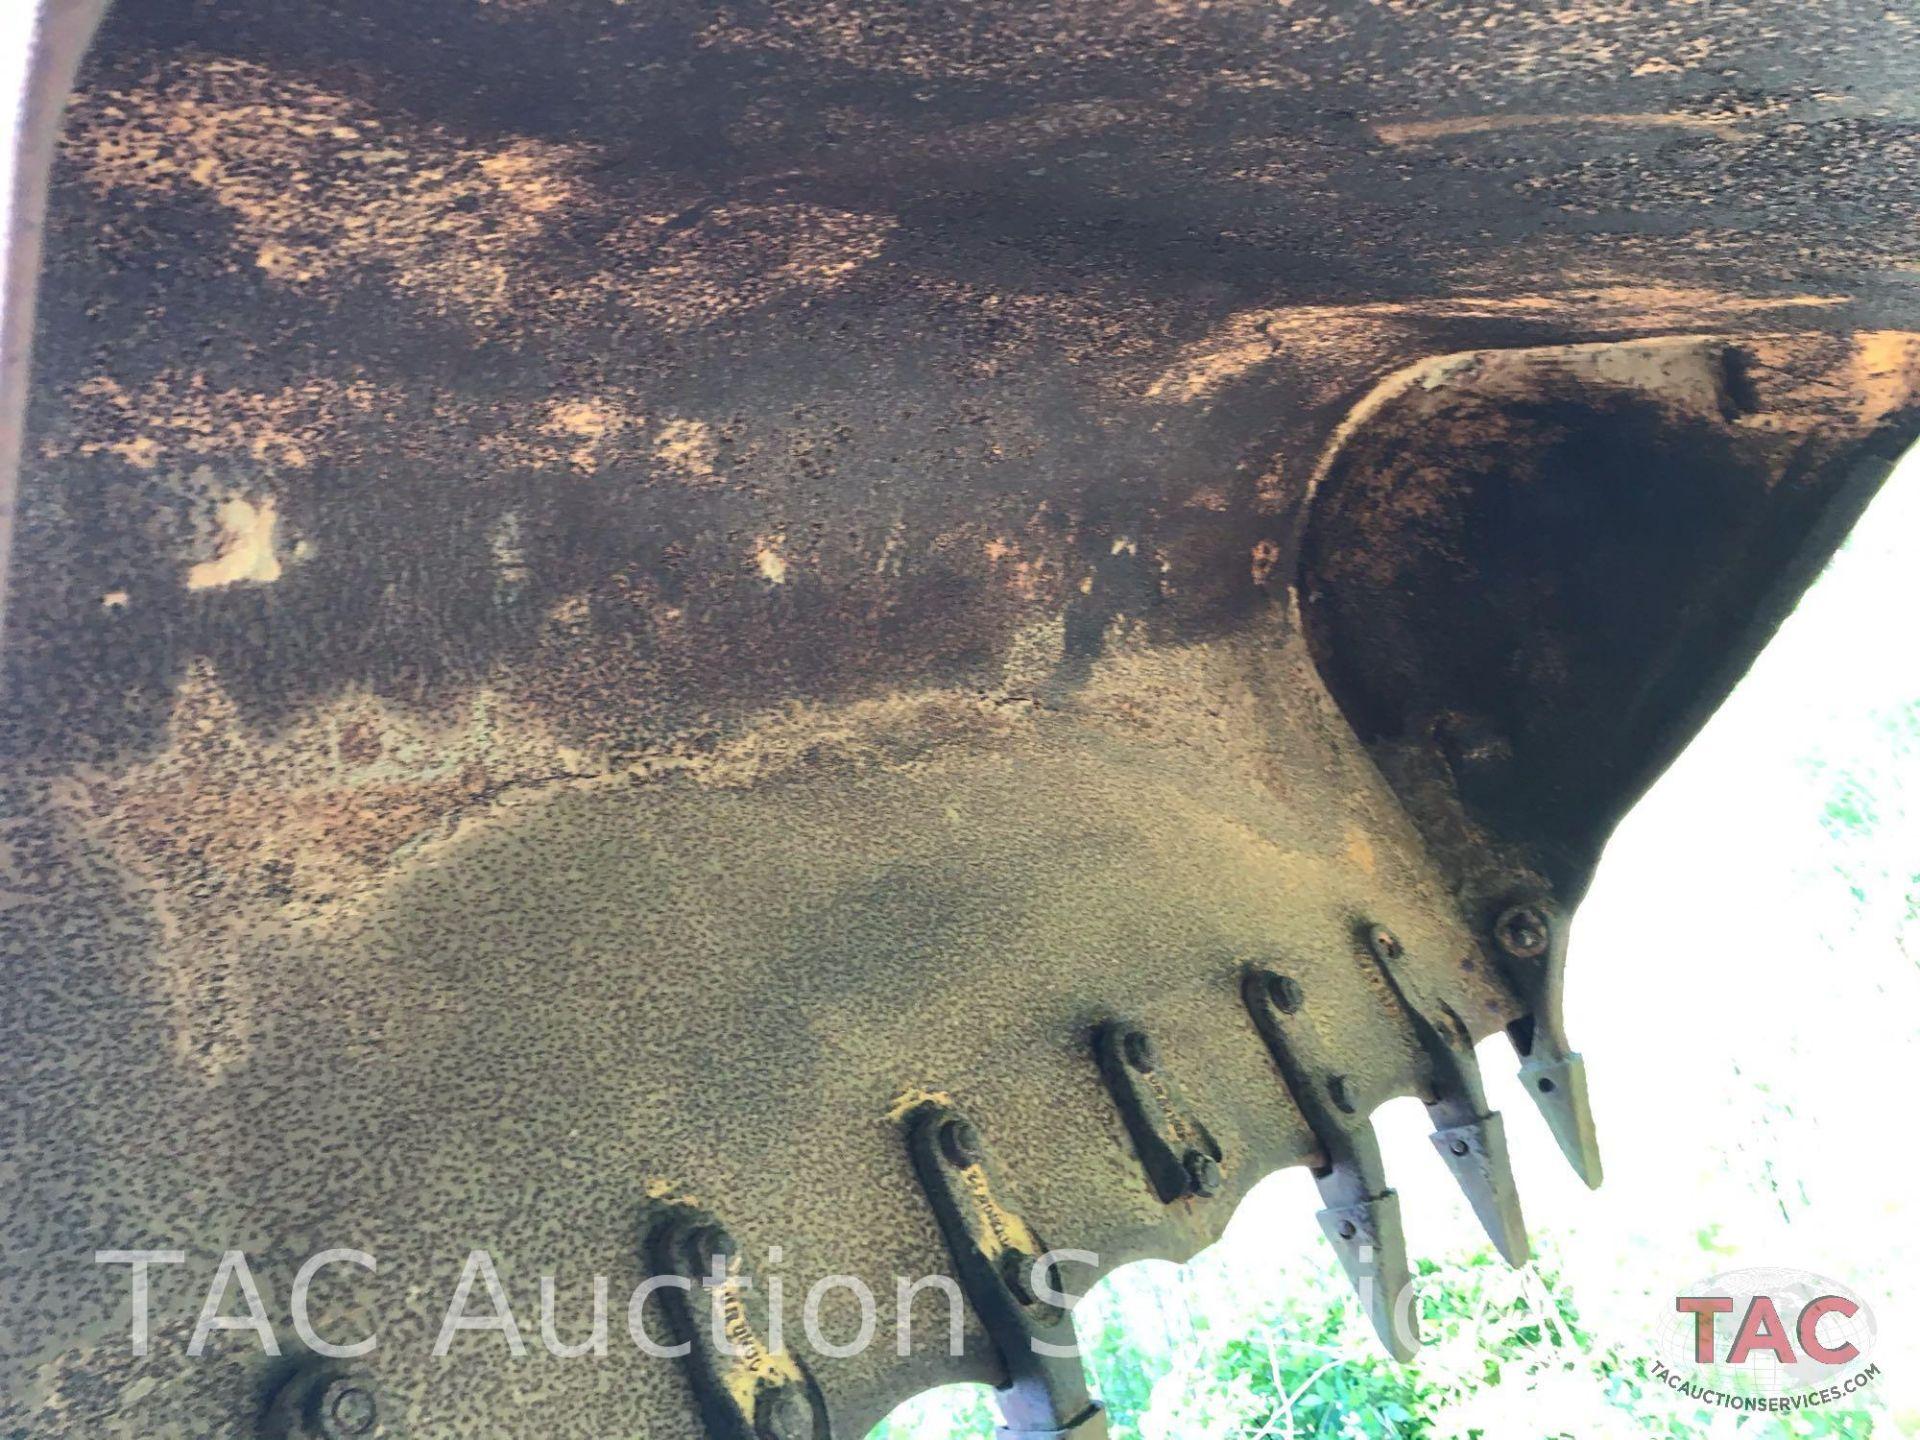 Cat 951c Track Loader - Image 9 of 40